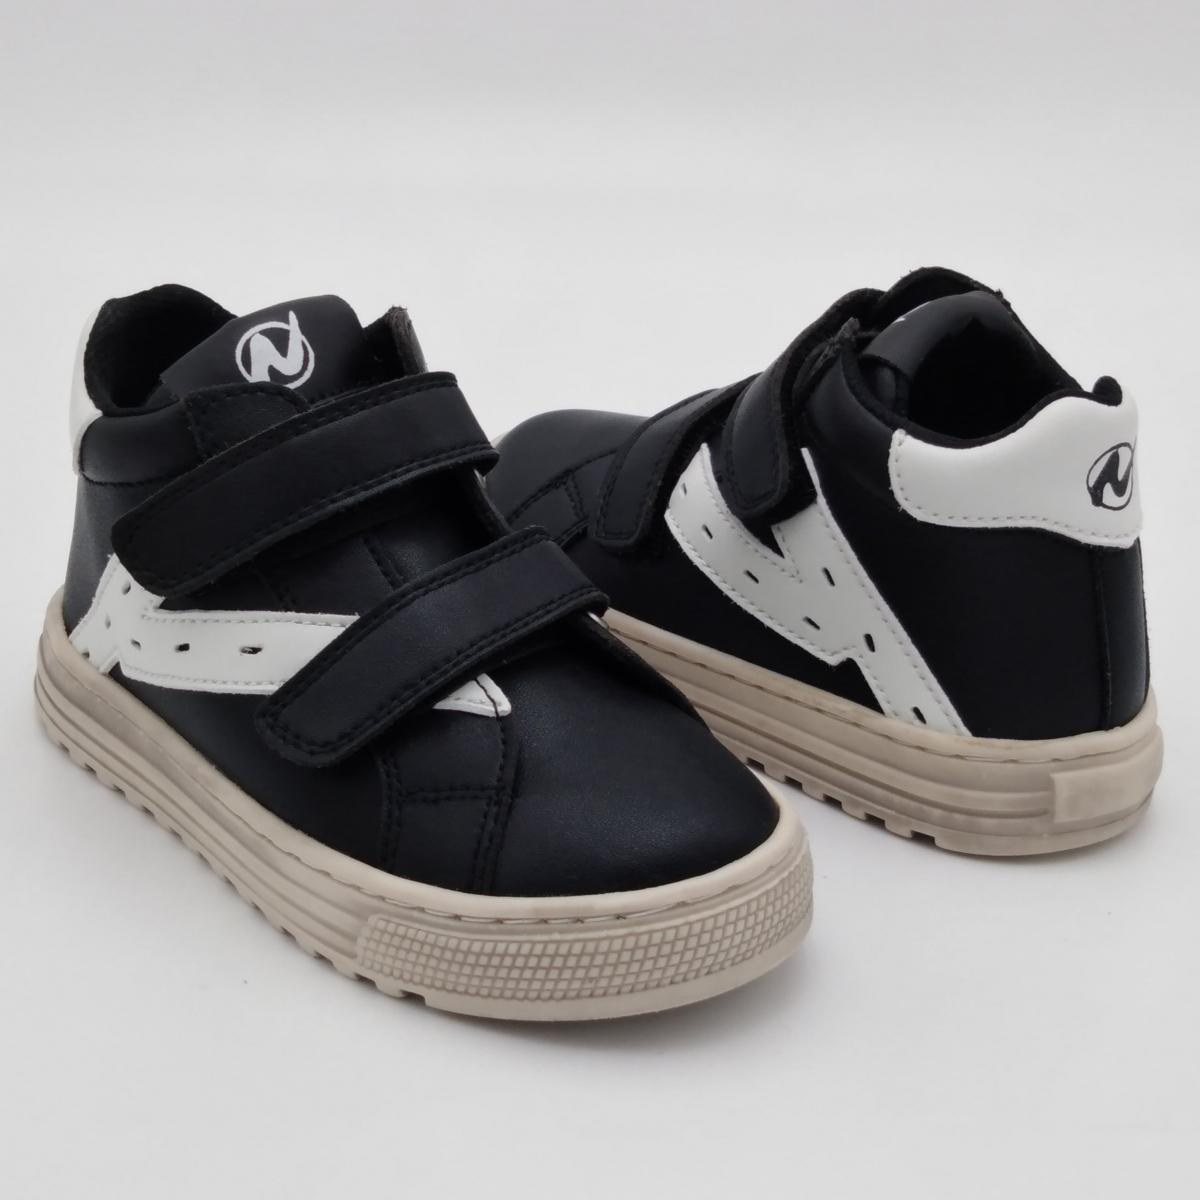 Naturino Snip High -Sneaker...